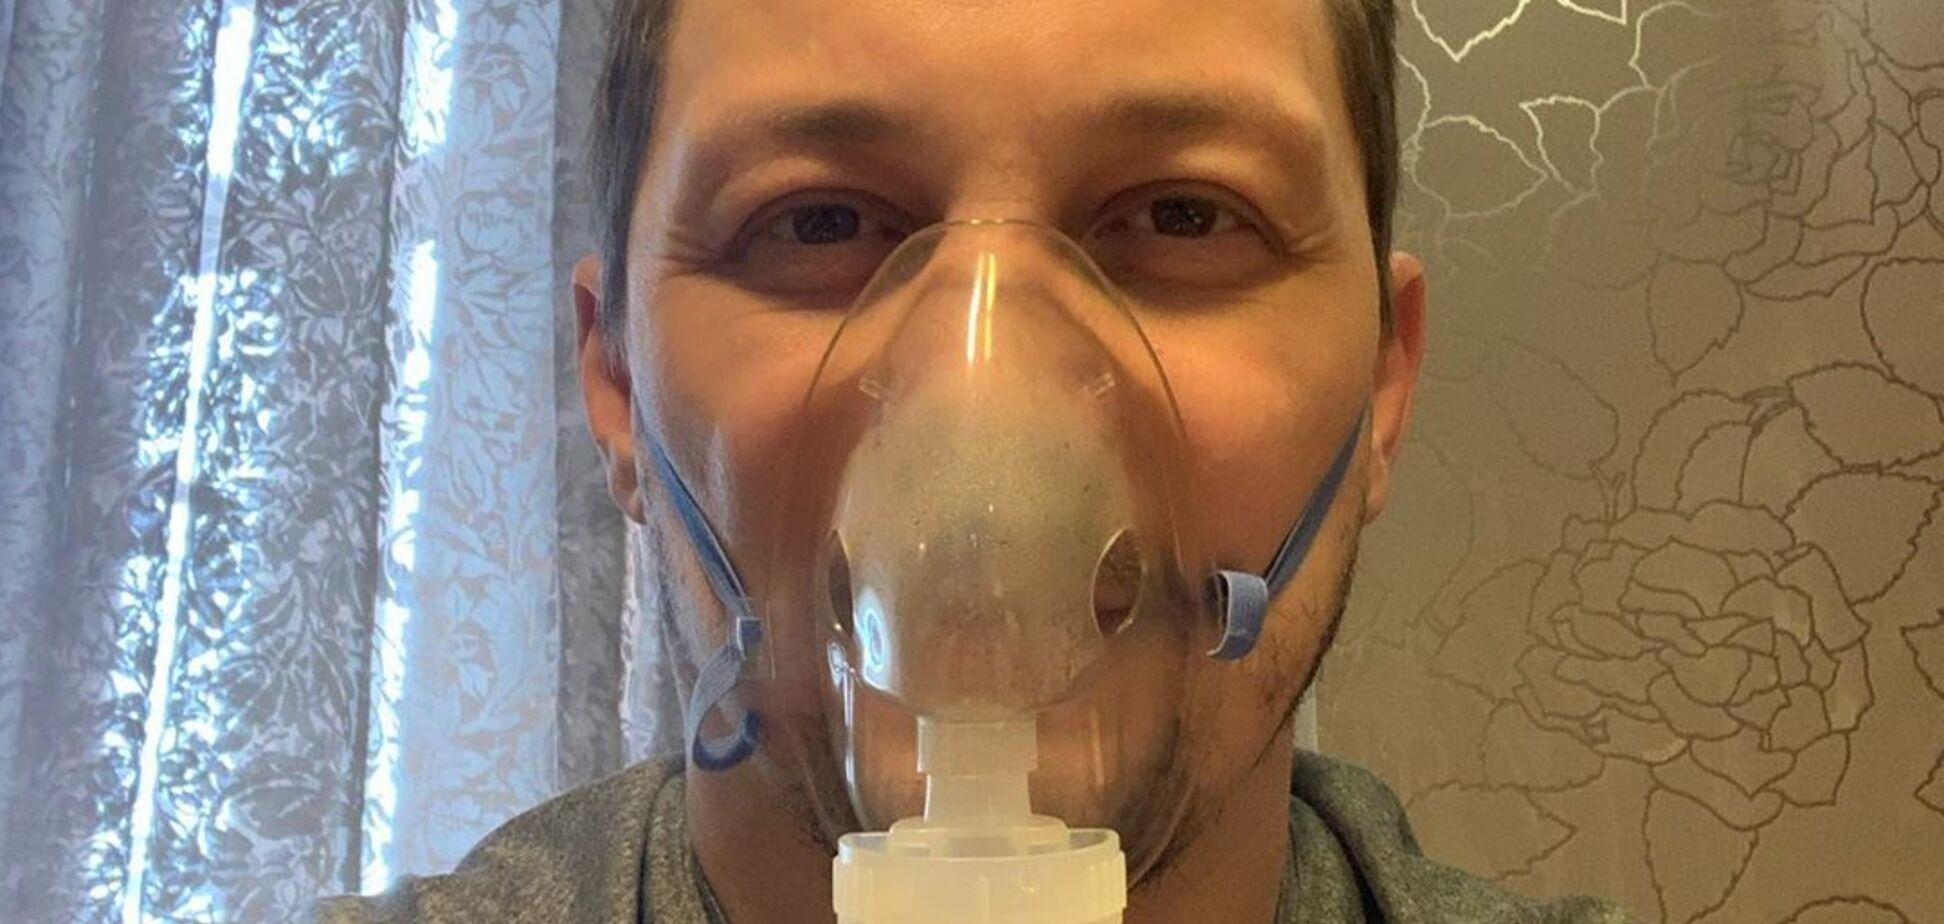 'Контактировал с Усиком': болеющий коронавирусом тренер Антон Кадушин описал первые симптомы